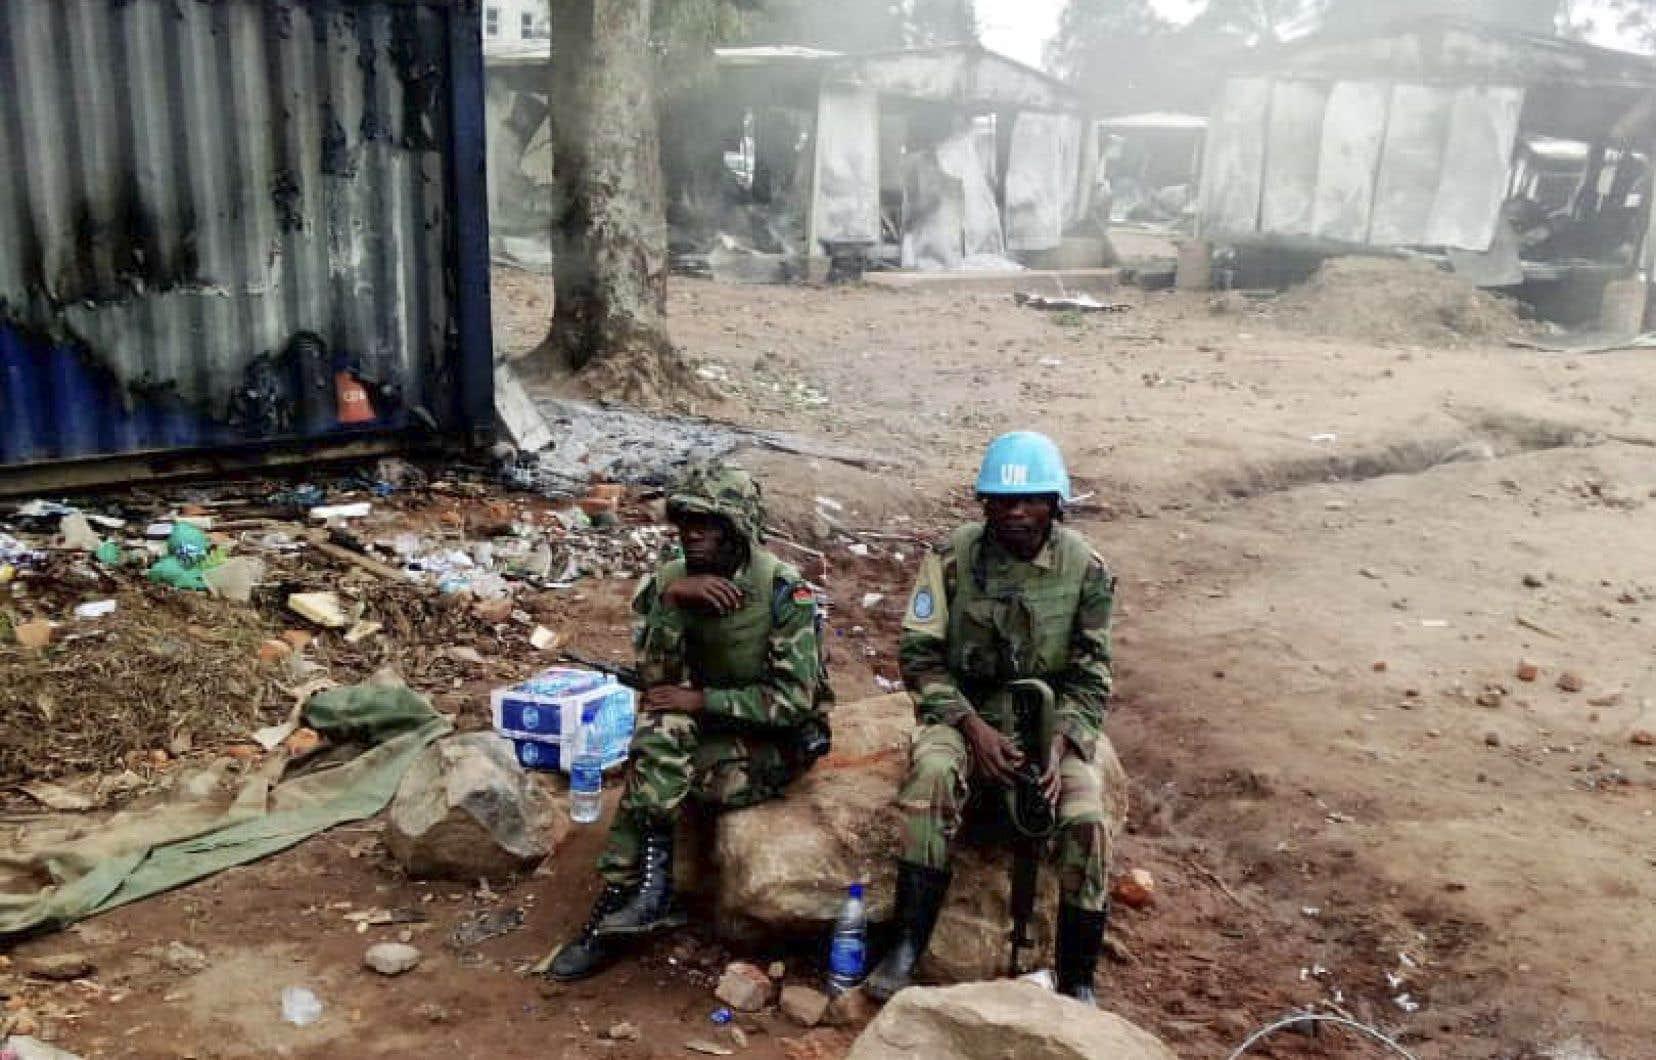 Ces tueries en série ont provoqué la colère des habitants contre les Casques bleus de l'ONU, qu'ils accusent de passivité.